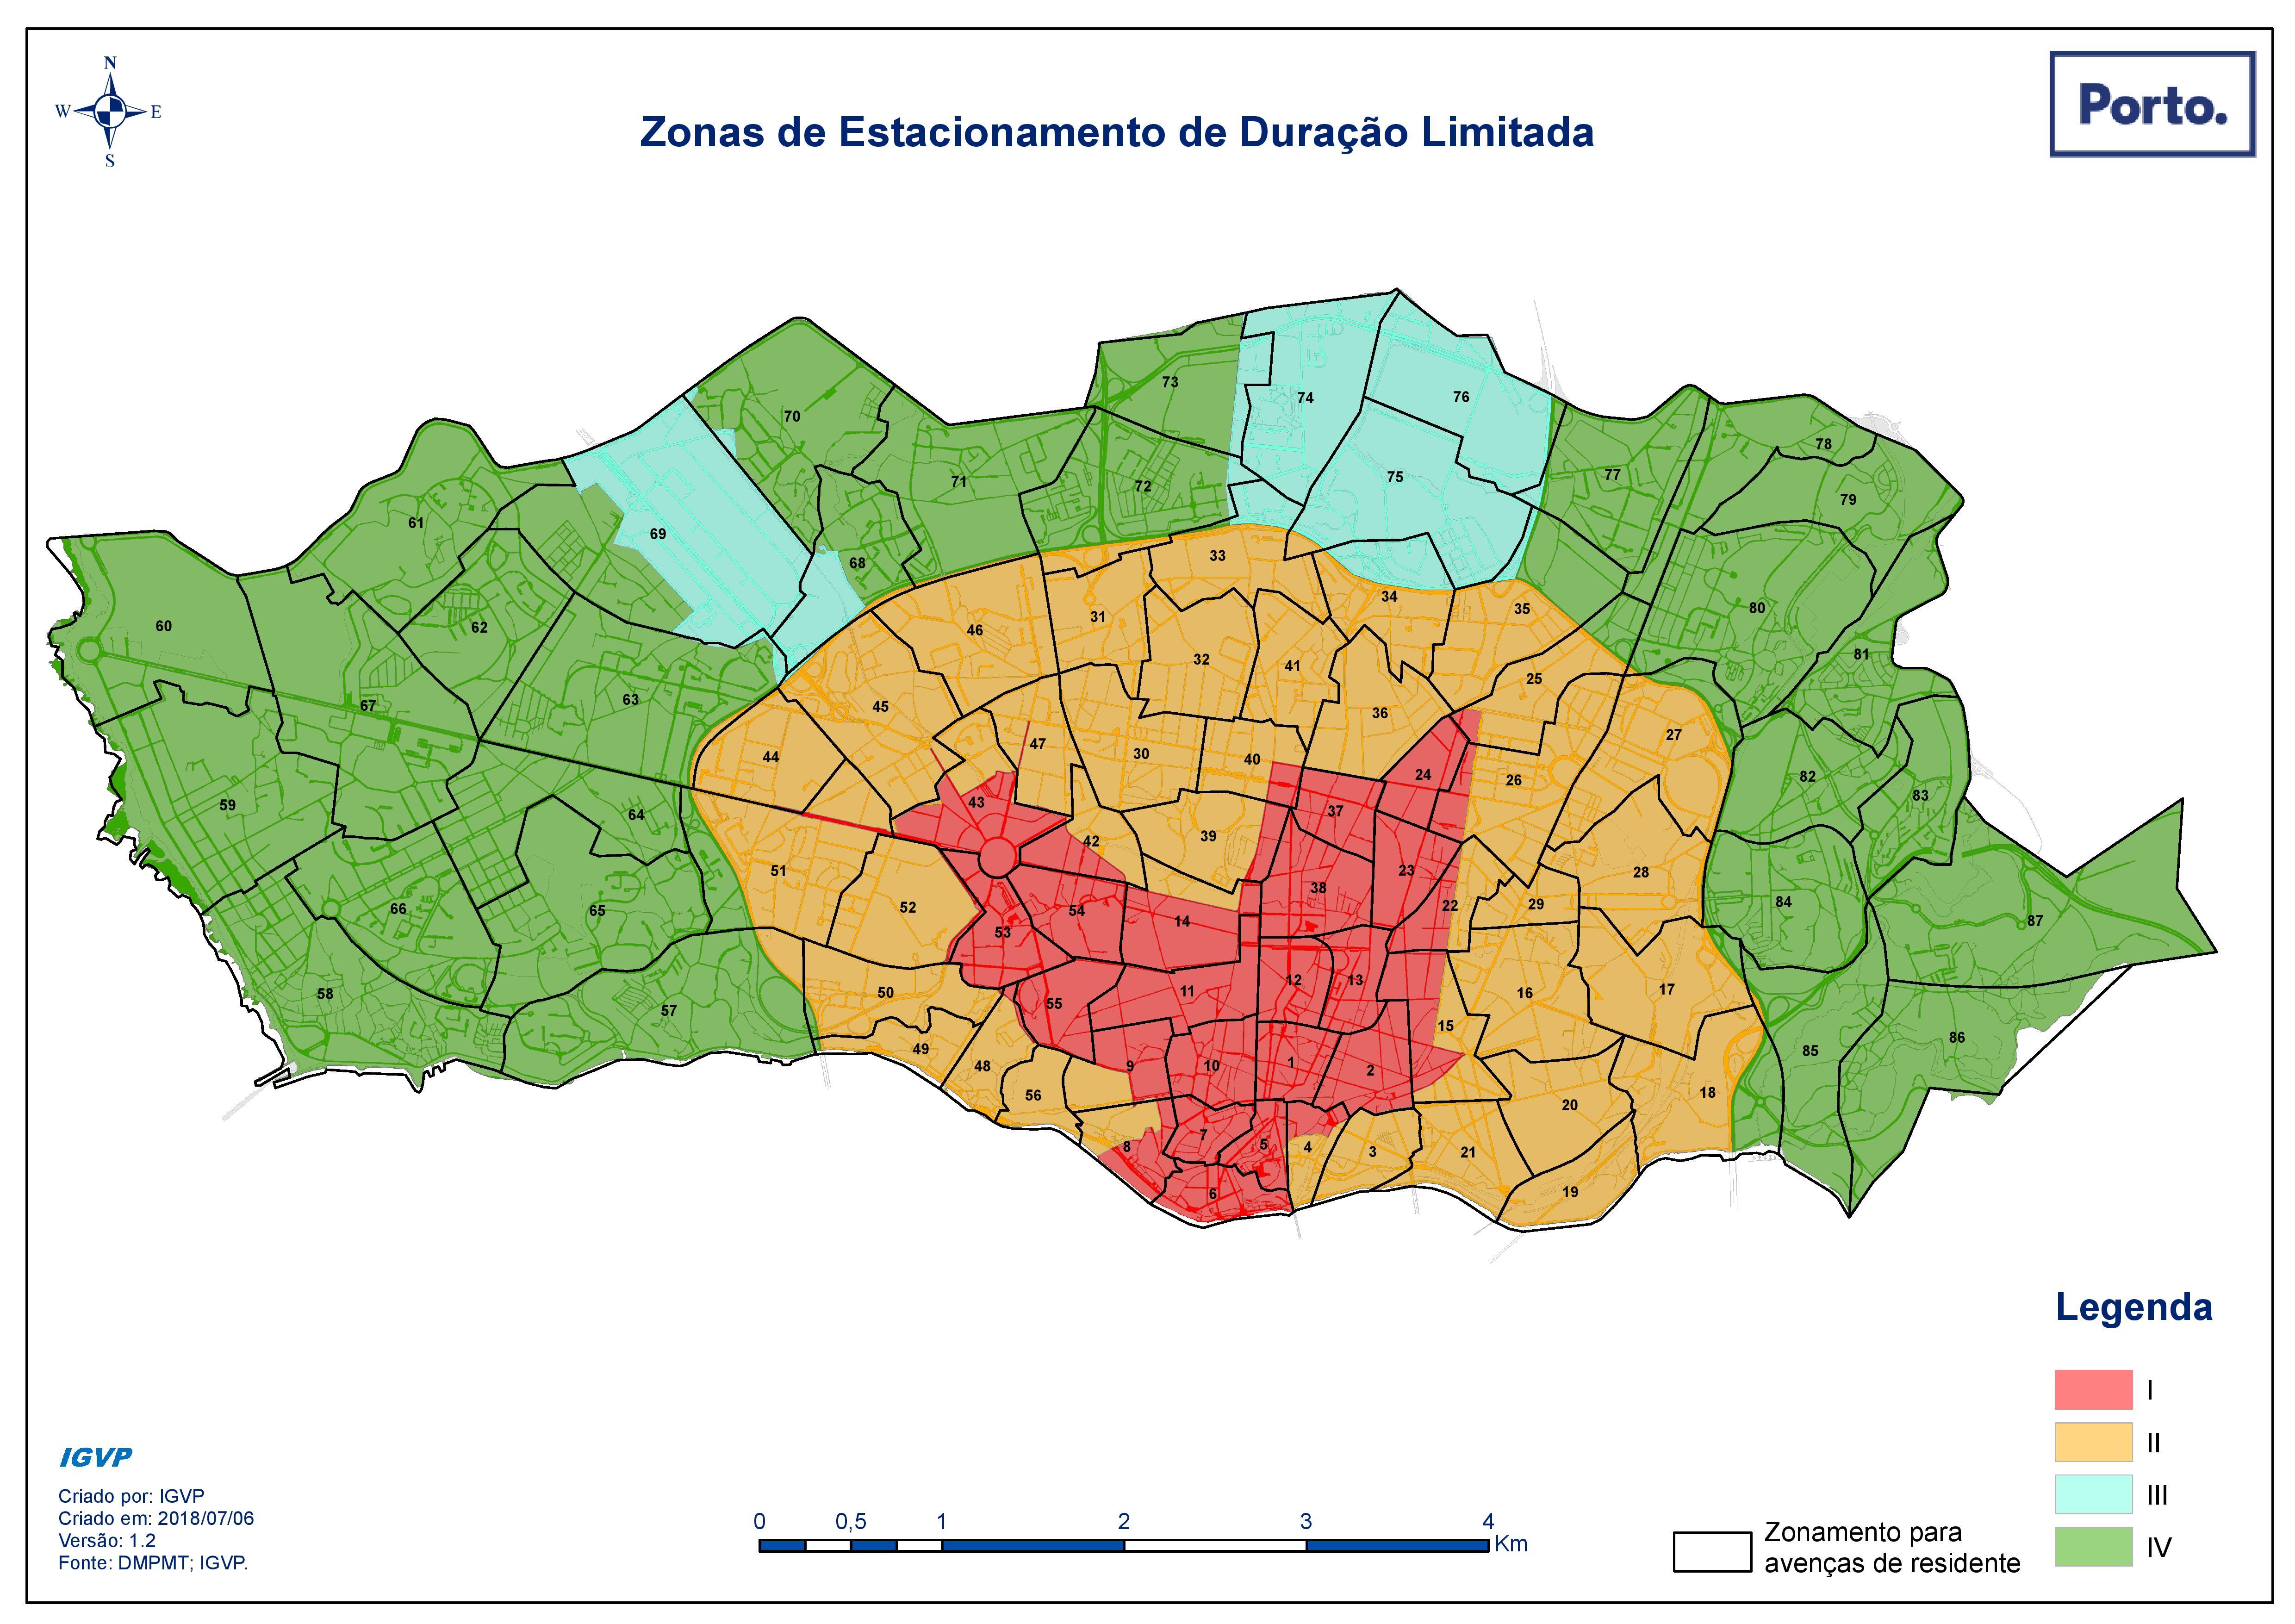 Repartition des zones tarifaires de stationnement - Porto